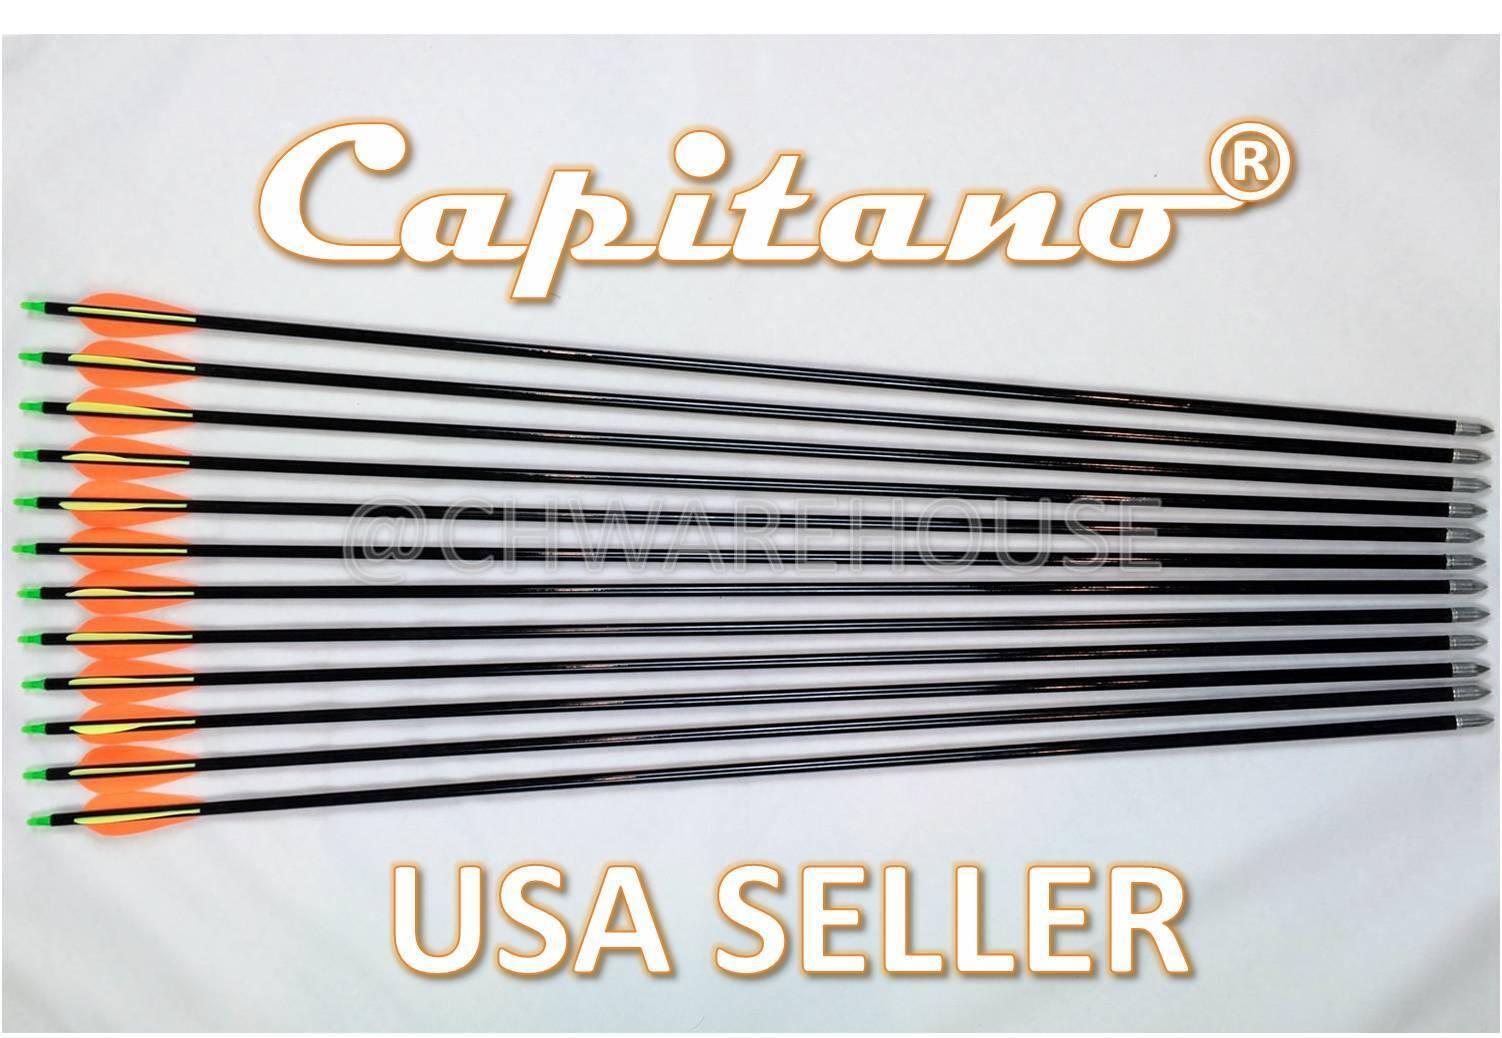 28 -108 Capitano® Fiberglass Target Practice Arrow Replaceable Screw-In Tip 71CM